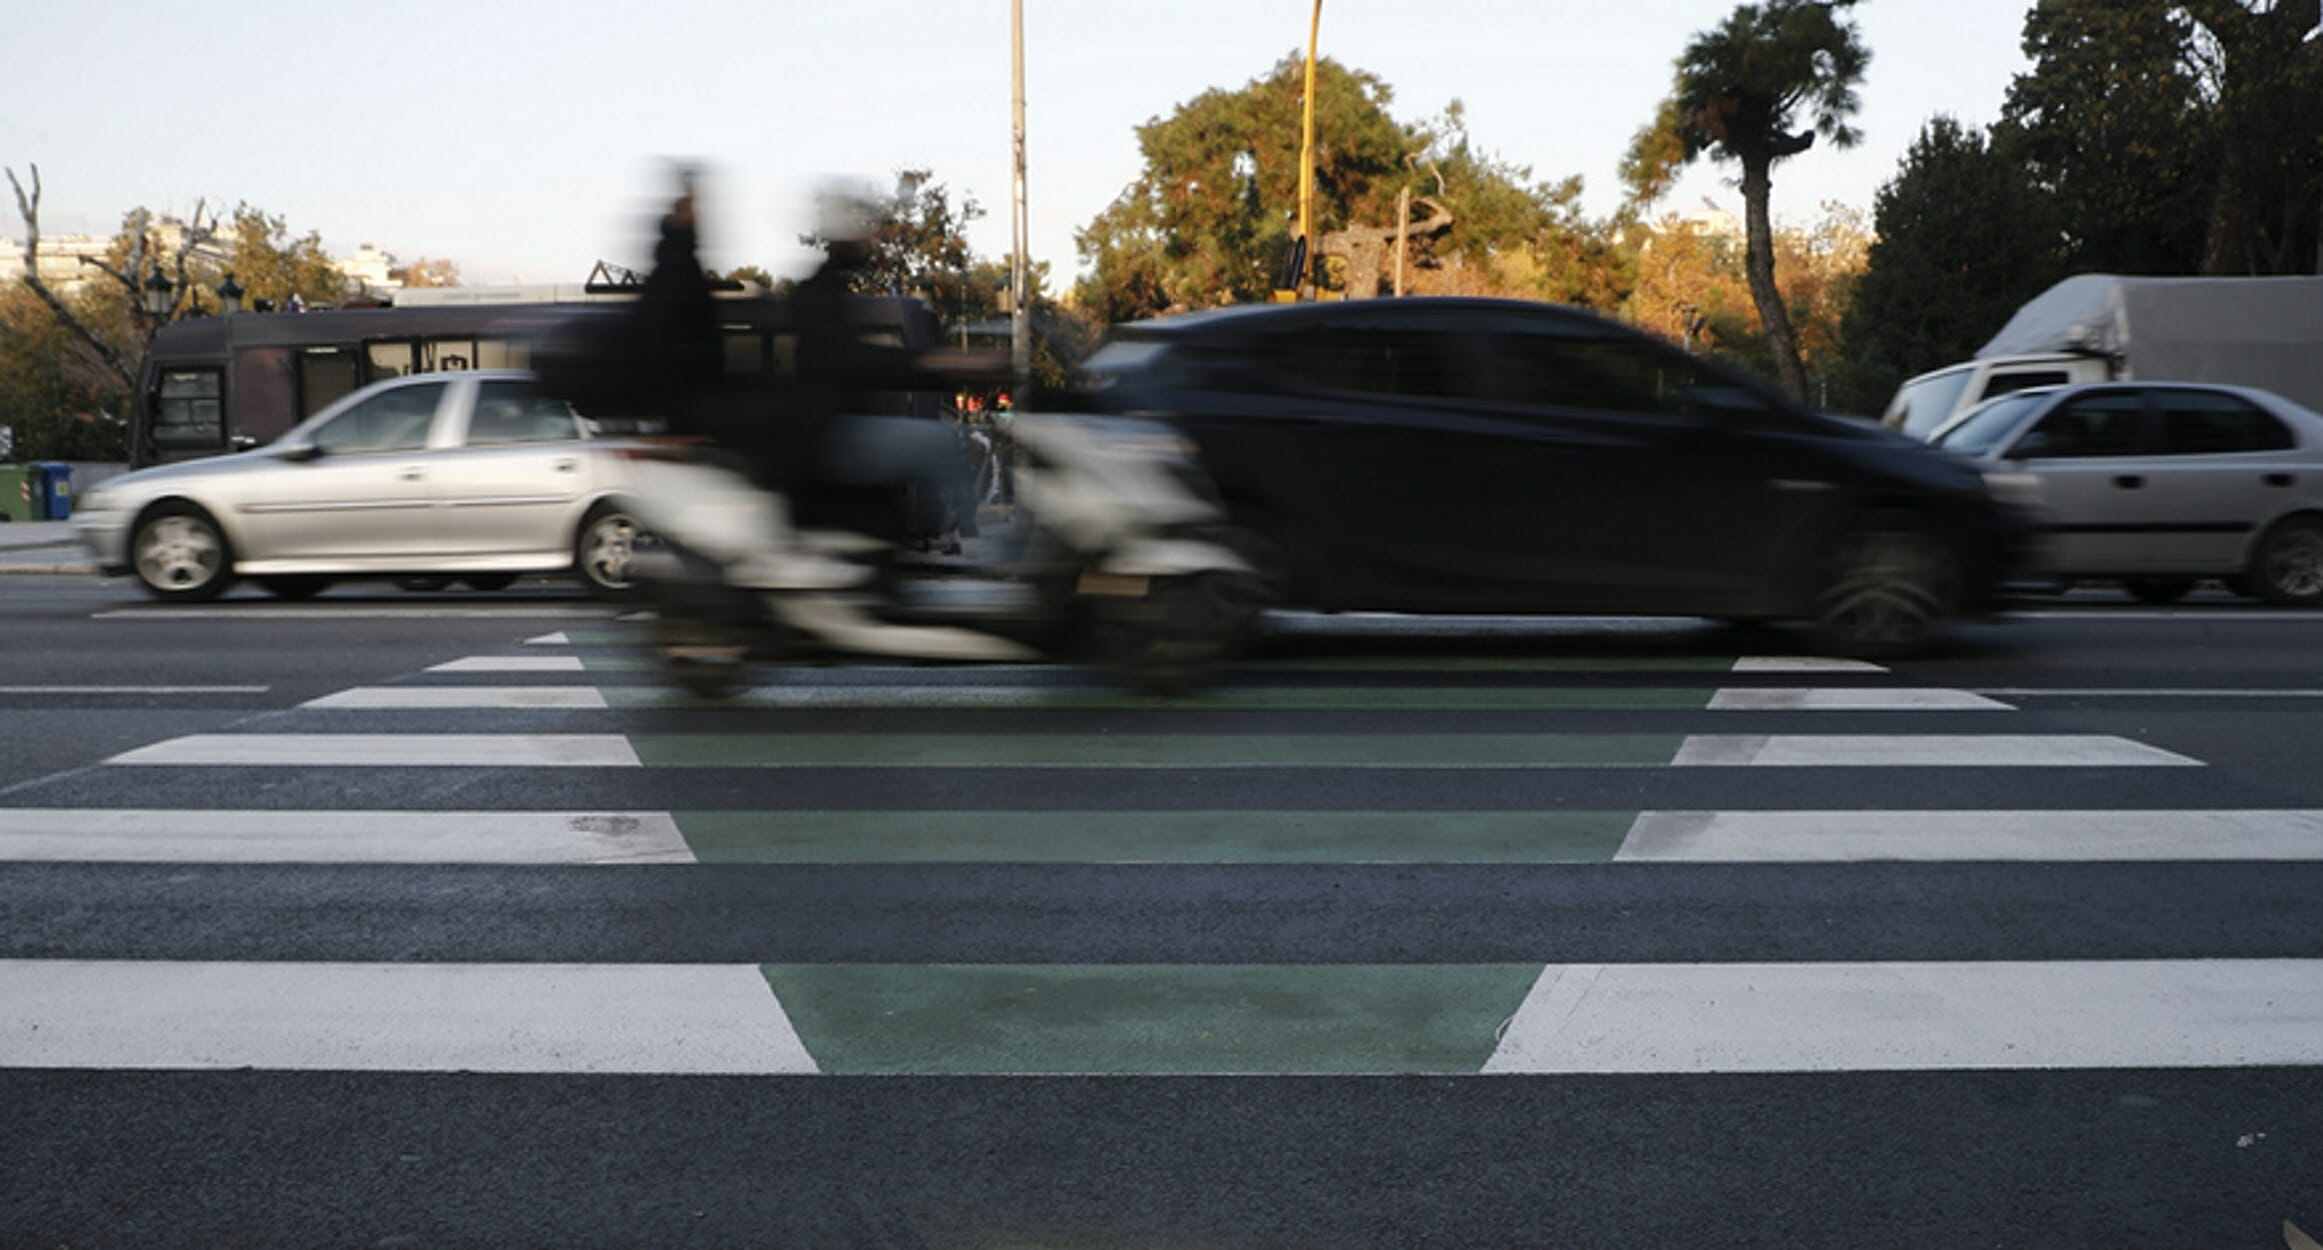 Ρόδος: Απάτες με αγγελίες αυτοκινήτων στο διαδίκτυο